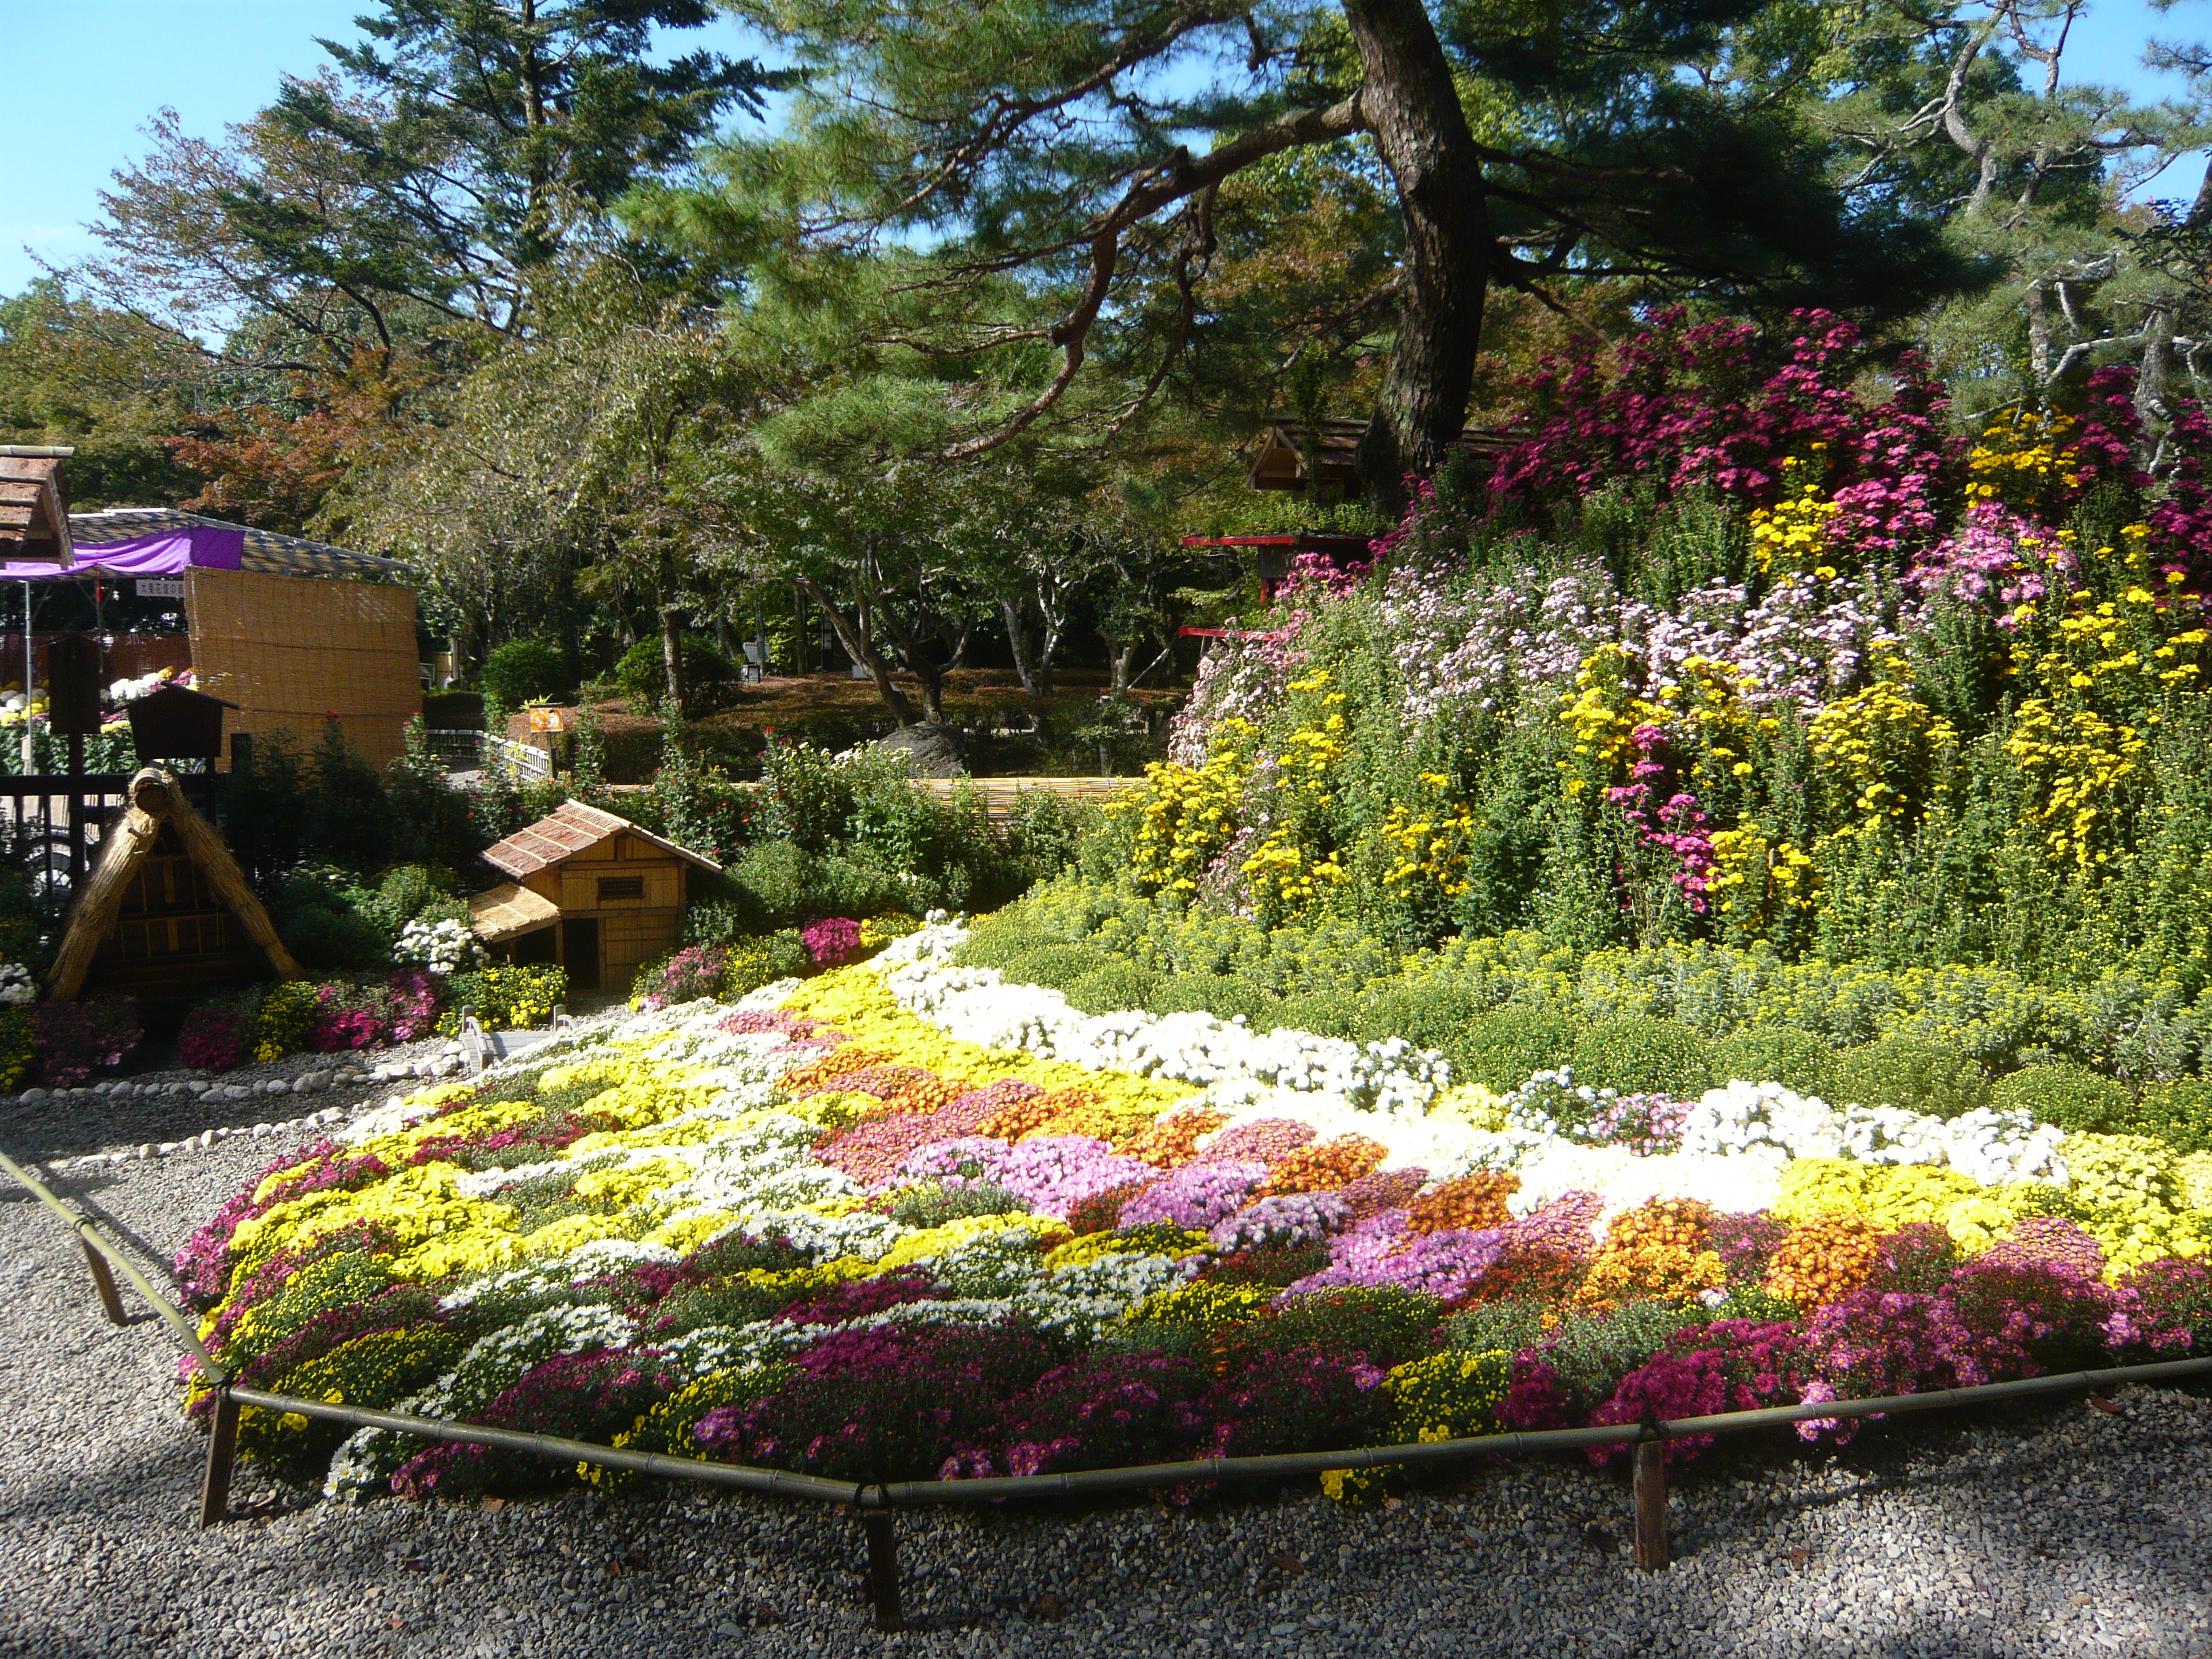 Japan Flower Festival And Flower Festival 09.jpg